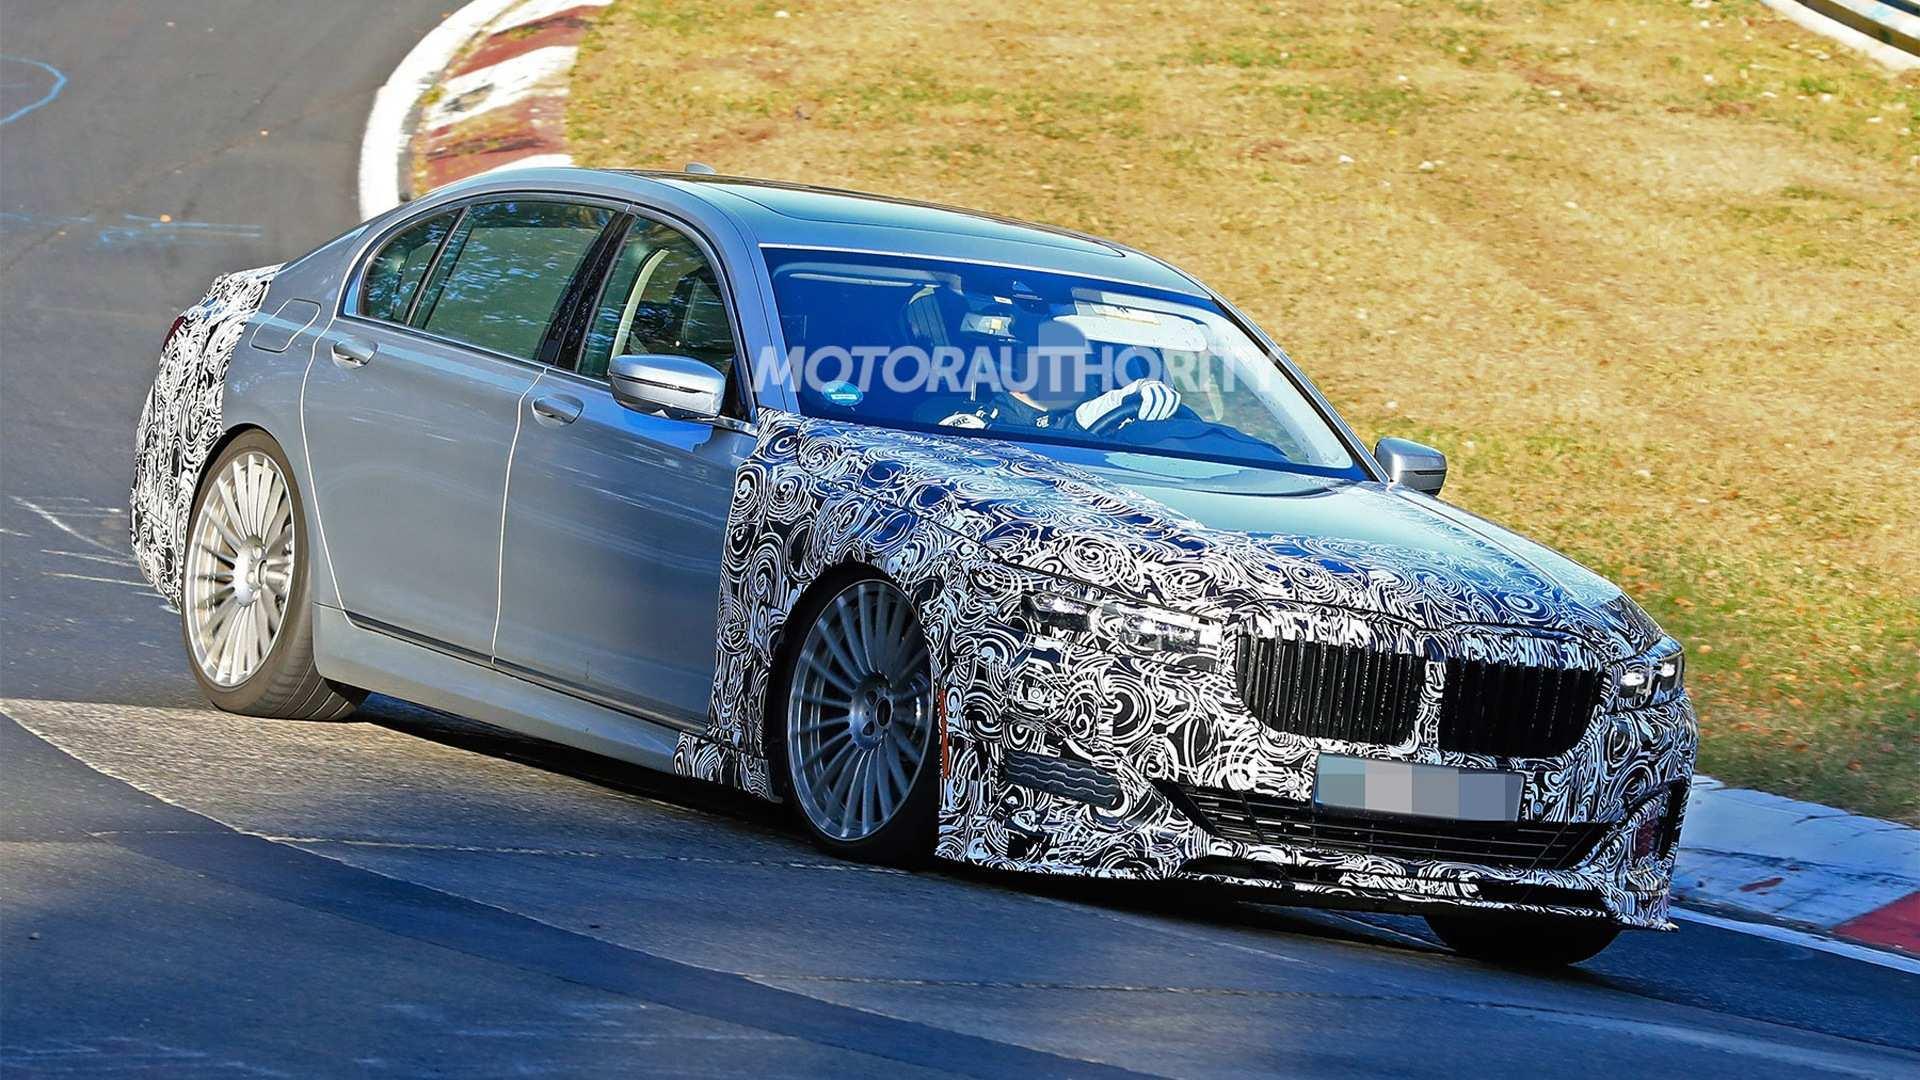 41 Great BMW Alpina B7 2020 Price Spesification by BMW Alpina B7 2020 Price